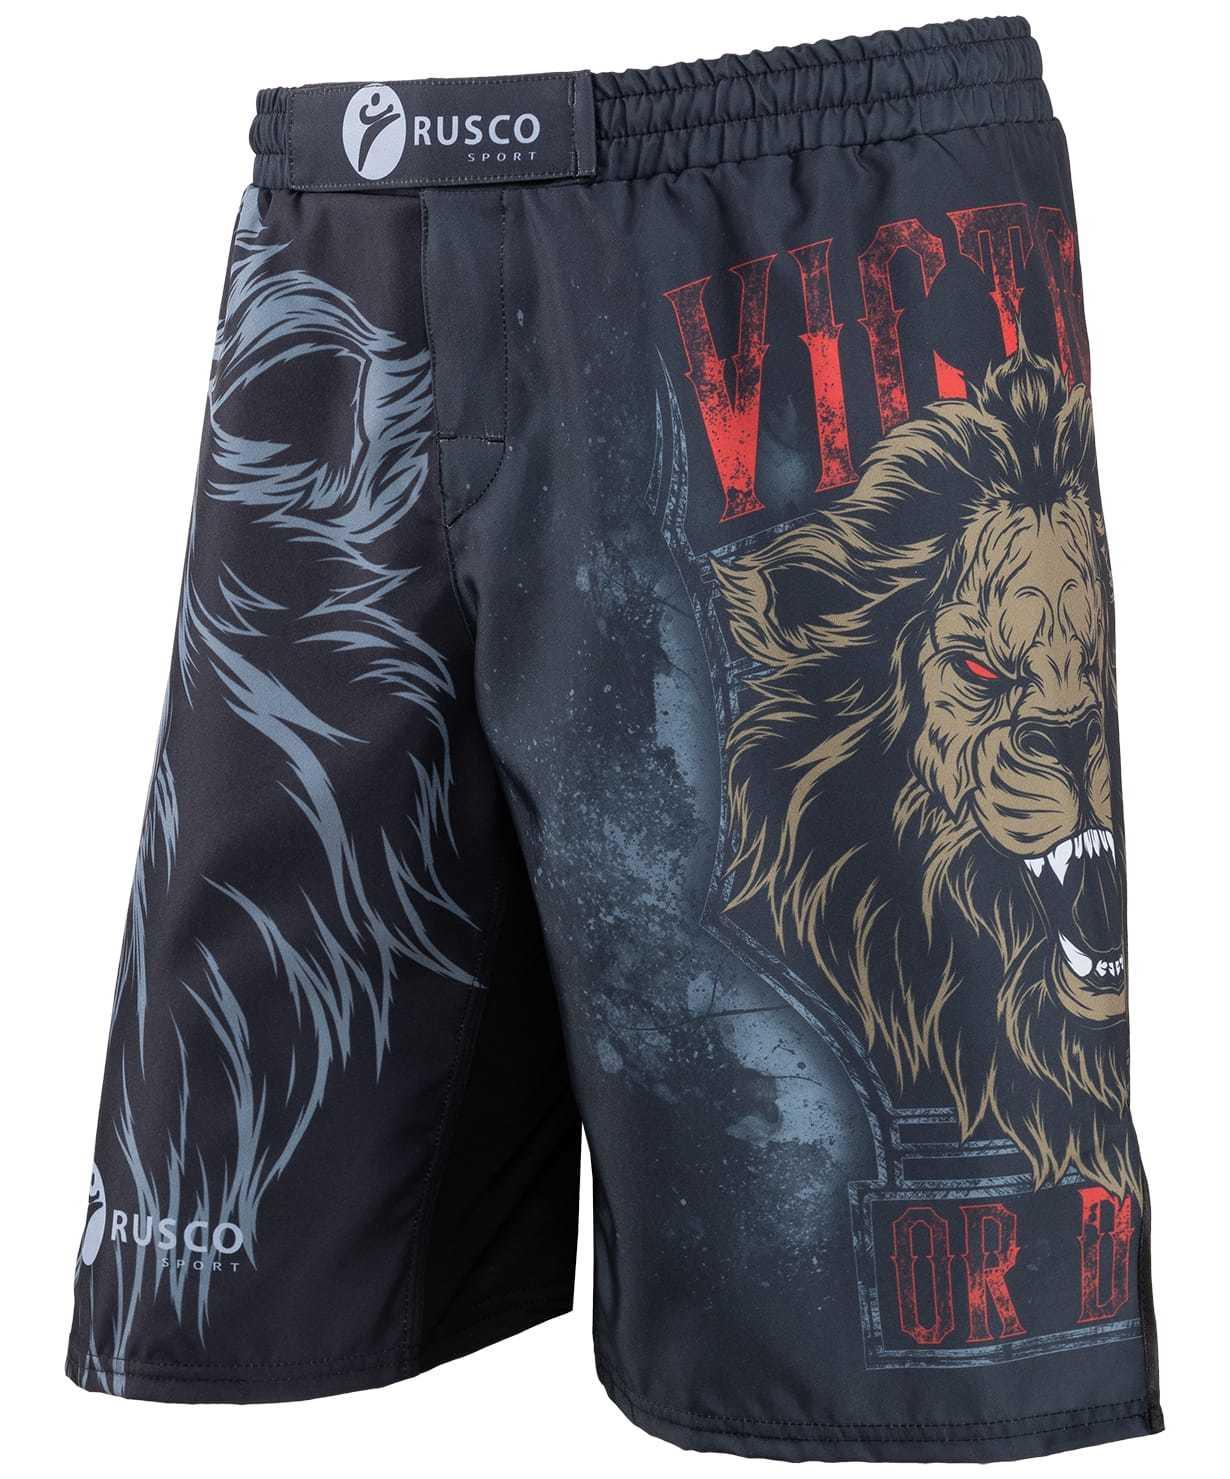 Рашгарды и шорты Шорты для MMA Lion, взрослые 8691f6143fe87192e7e485d4a85f2b6d.jpg